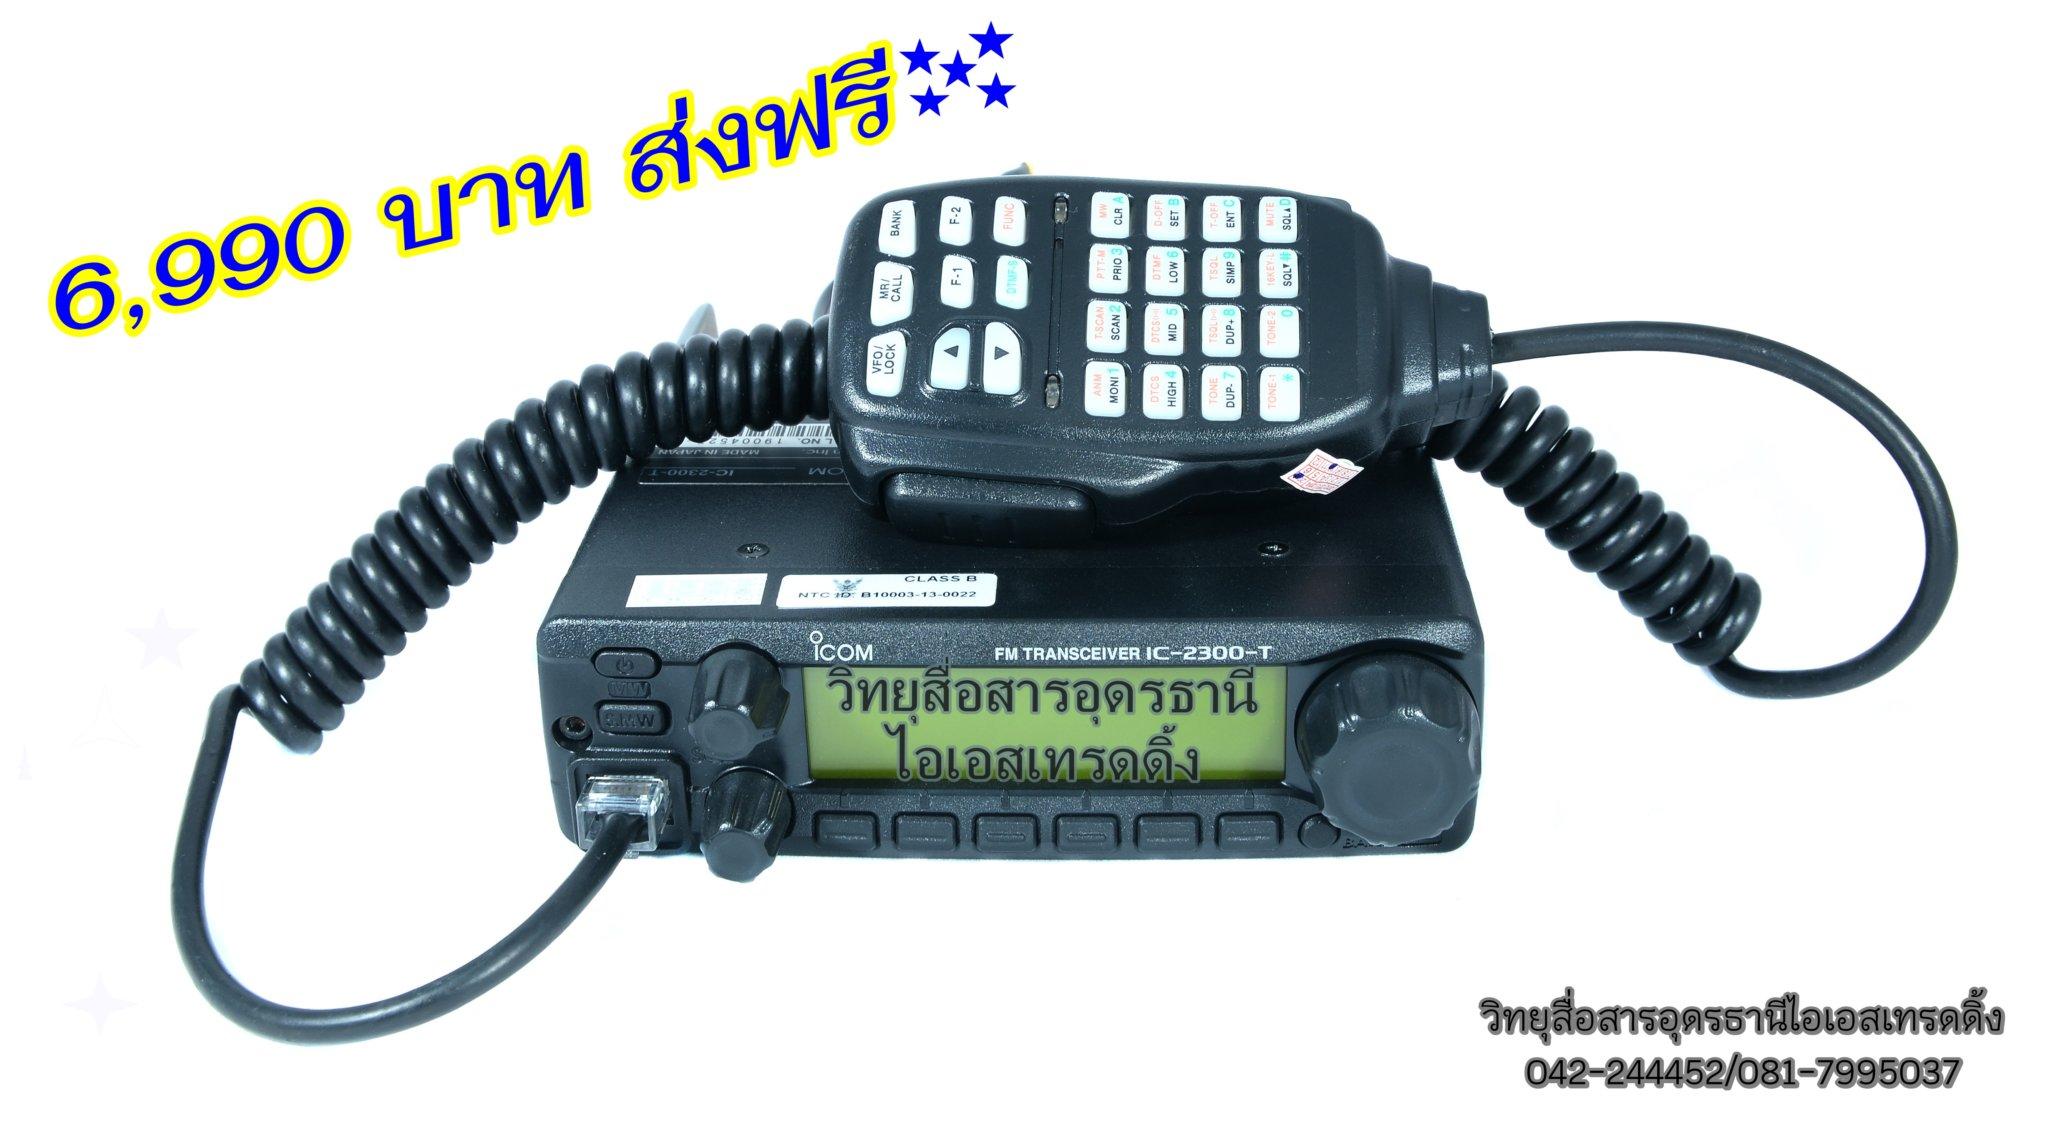 Icom IC-2300T 6,990 บาทเท่านั้น